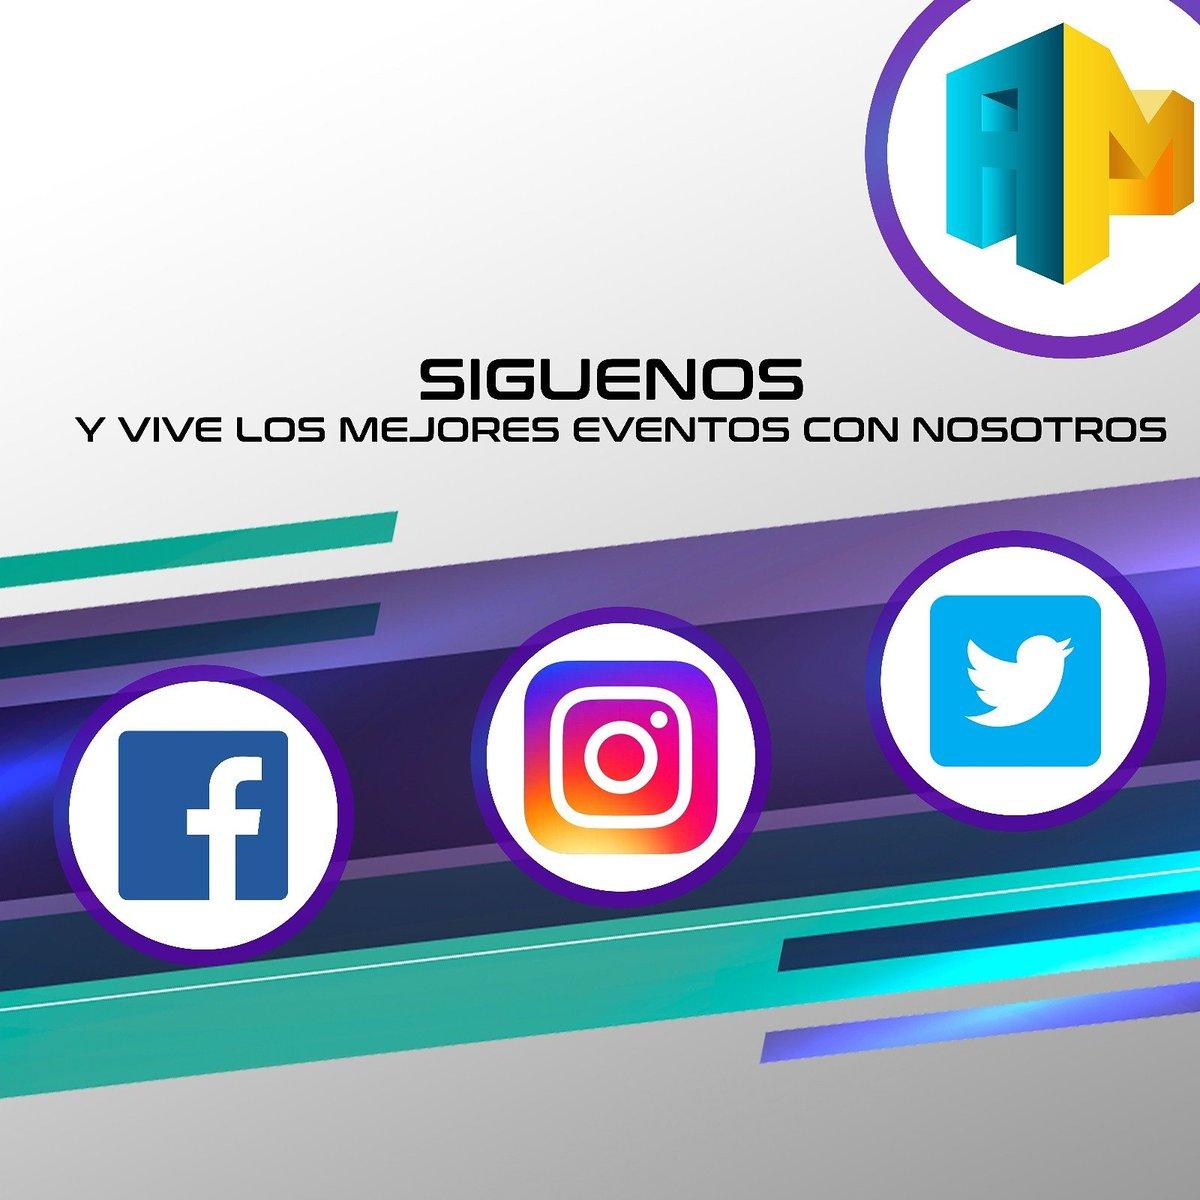 Resultado de imagen para am promotions guatemala